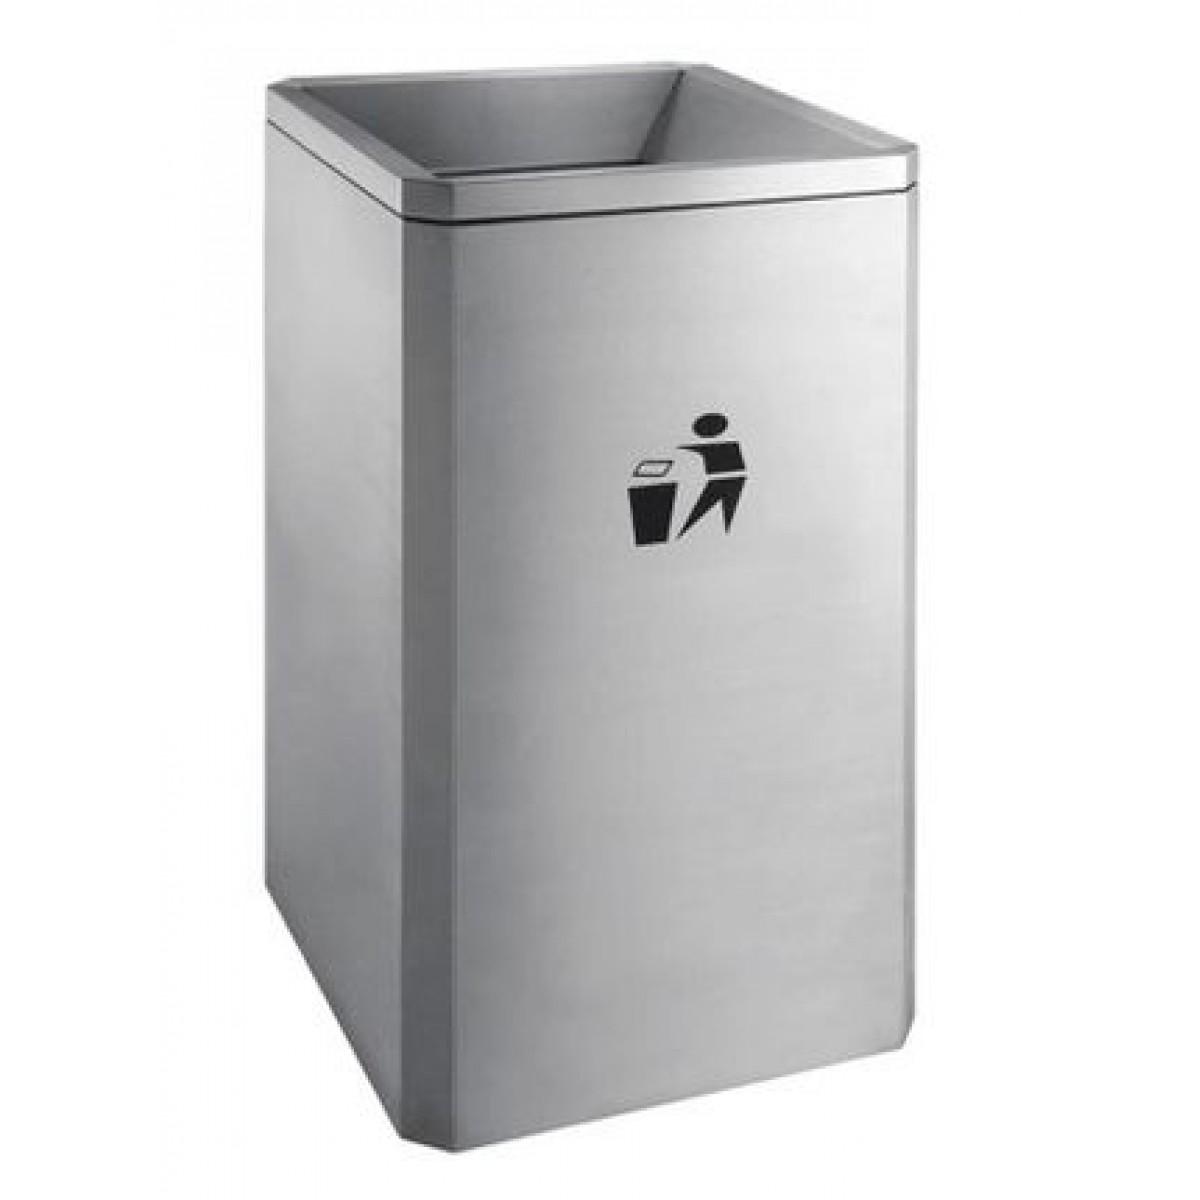 商場垃圾桶(HM9490)